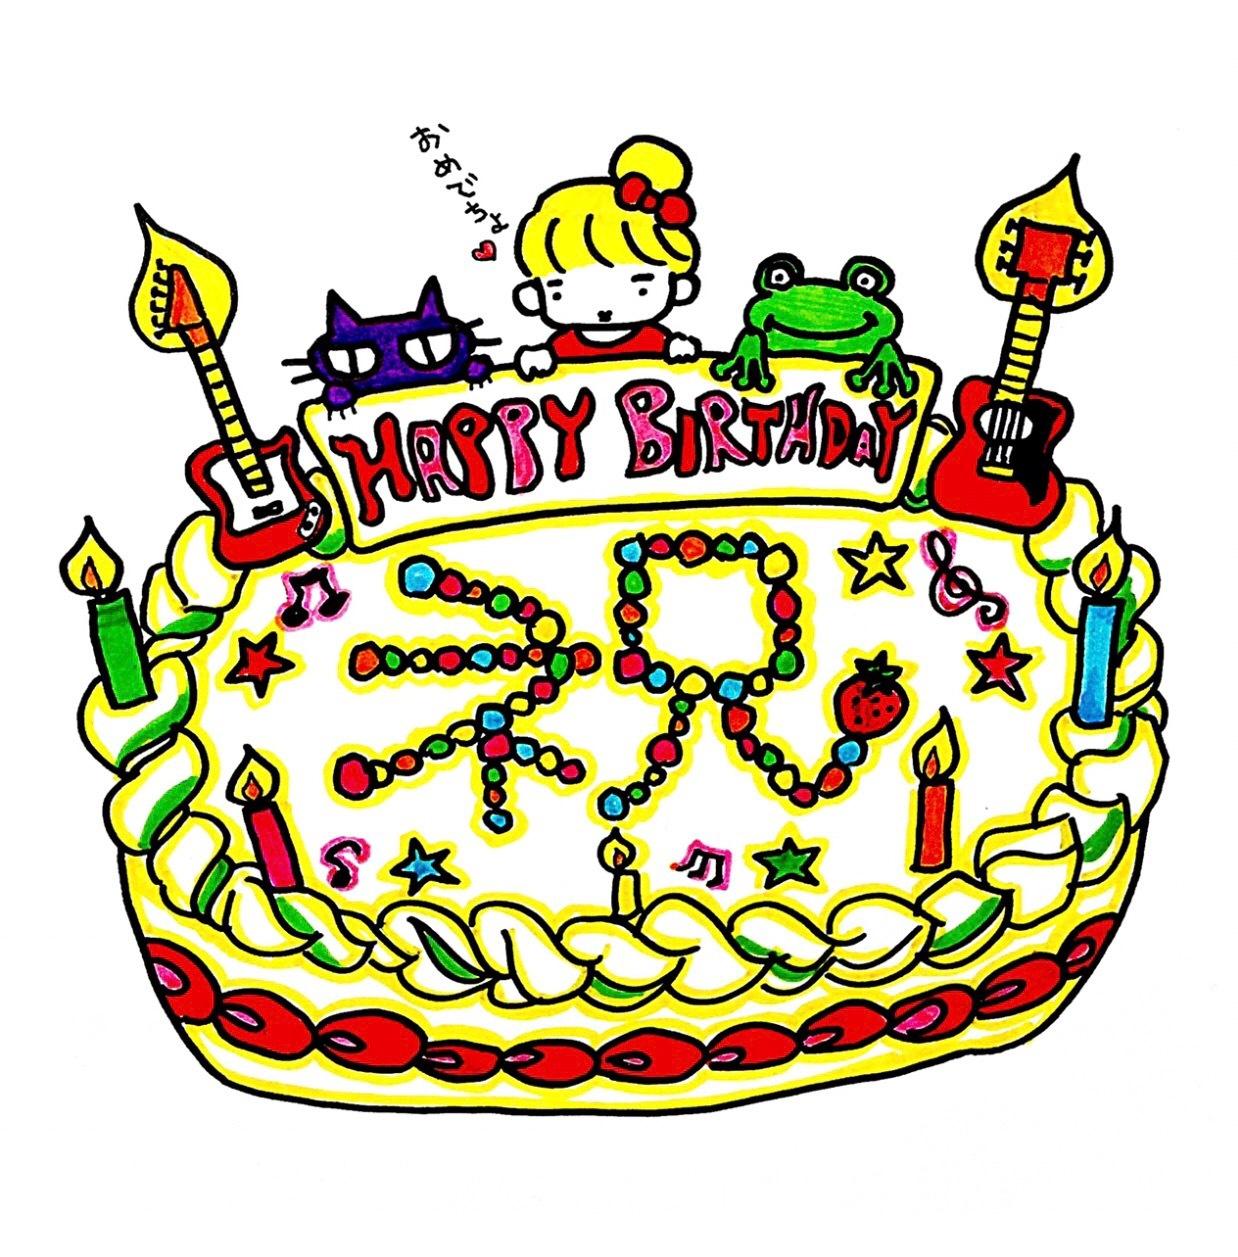 誕生日に発表!_f0115311_12371819.jpg